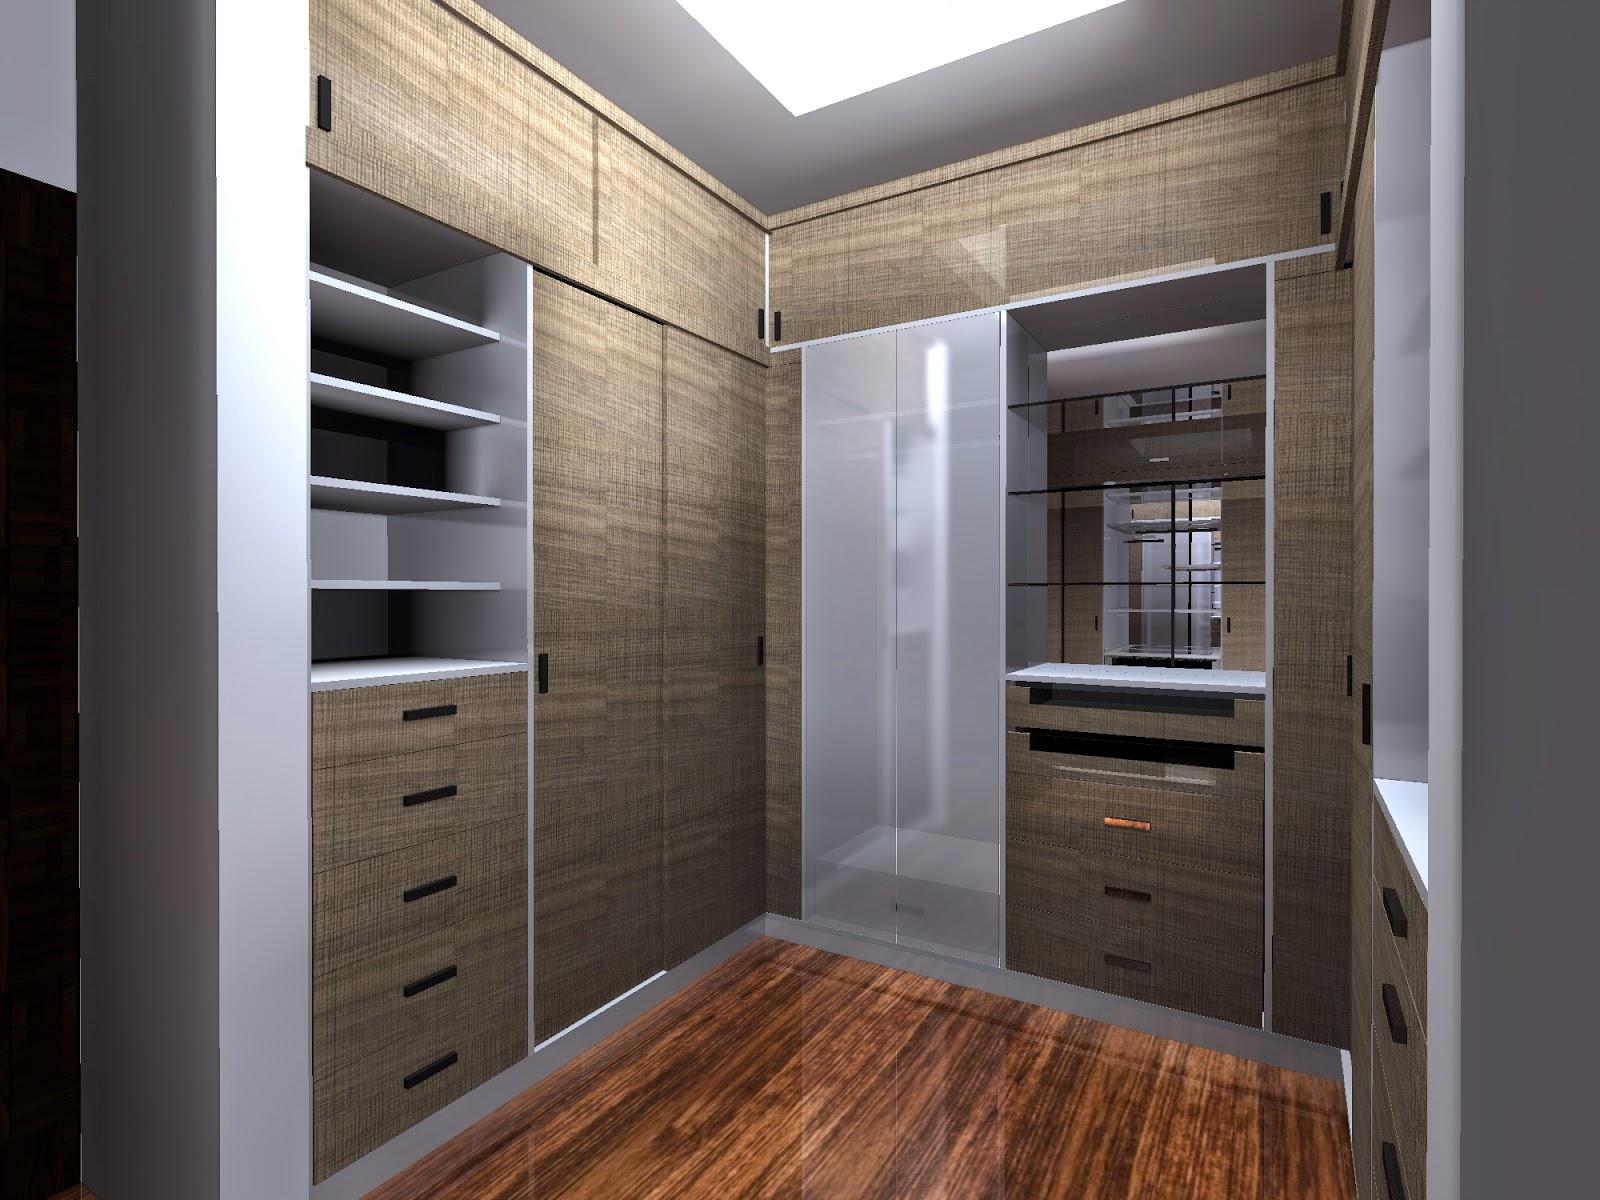 muebles diseños y proyectos CLOSET Y WALK IN CLOSET FABRICADO EN